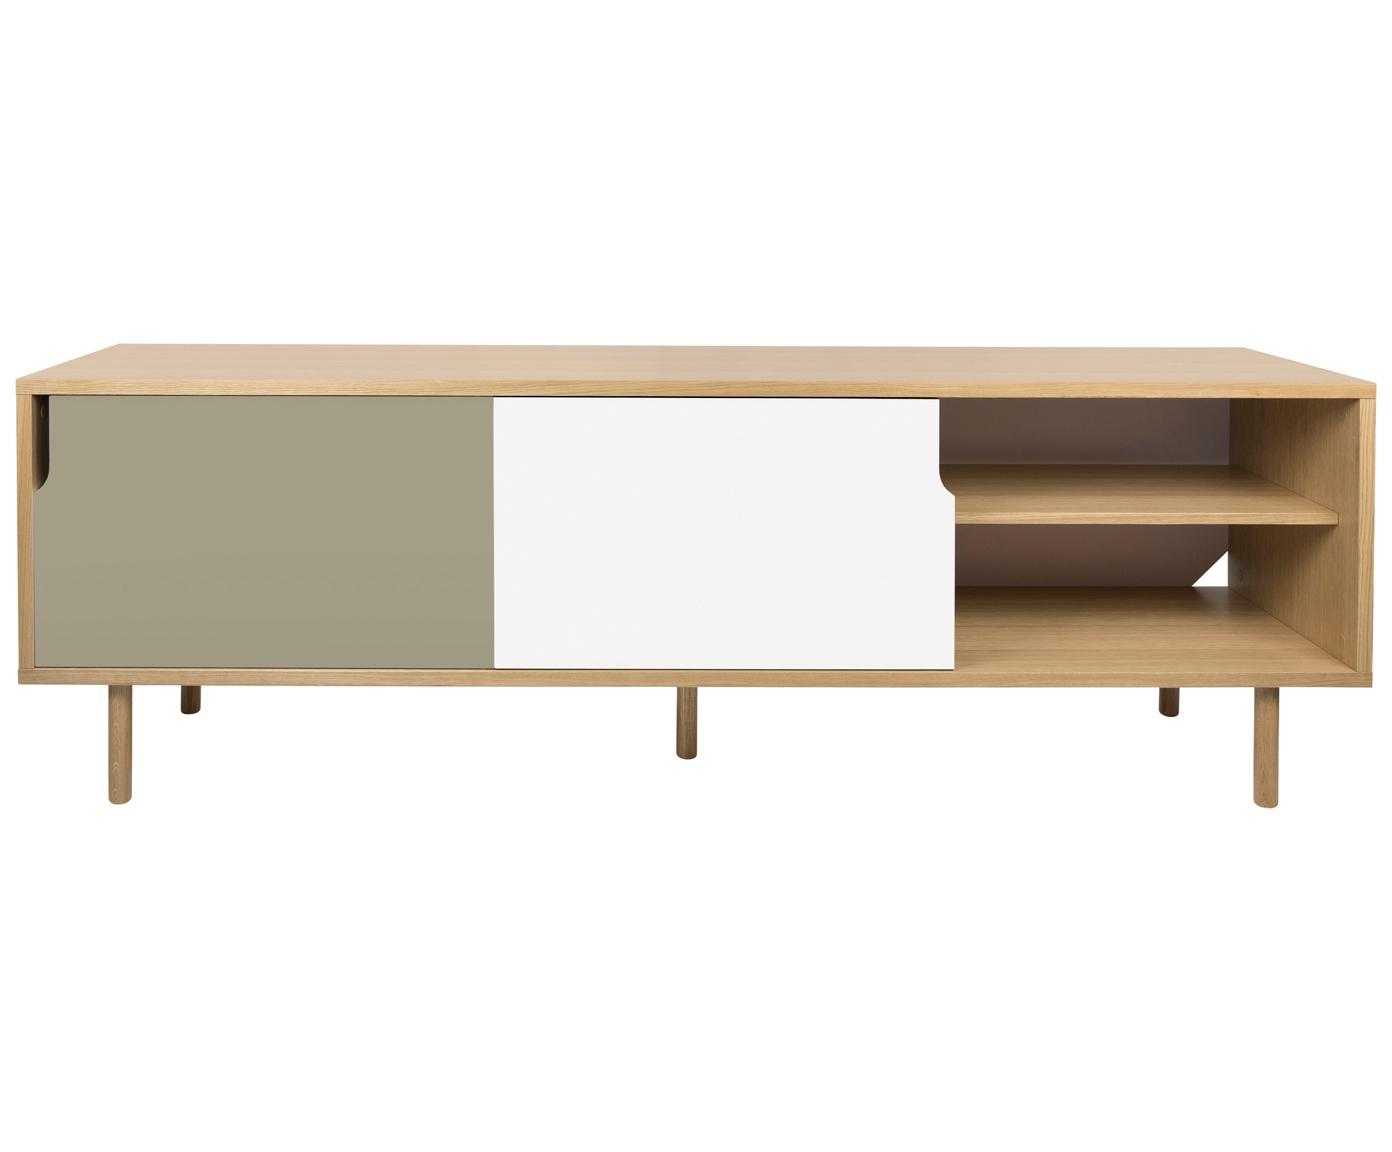 Sideboard Danny mit Schiebetüren, Oberfläche: Eichenechtholzfurnier, Korpus: Wabenkern Panel, Beine: Eichenholz, massiv, Eichenholz, Weiß, Grau, matt, 201 x 65 cm